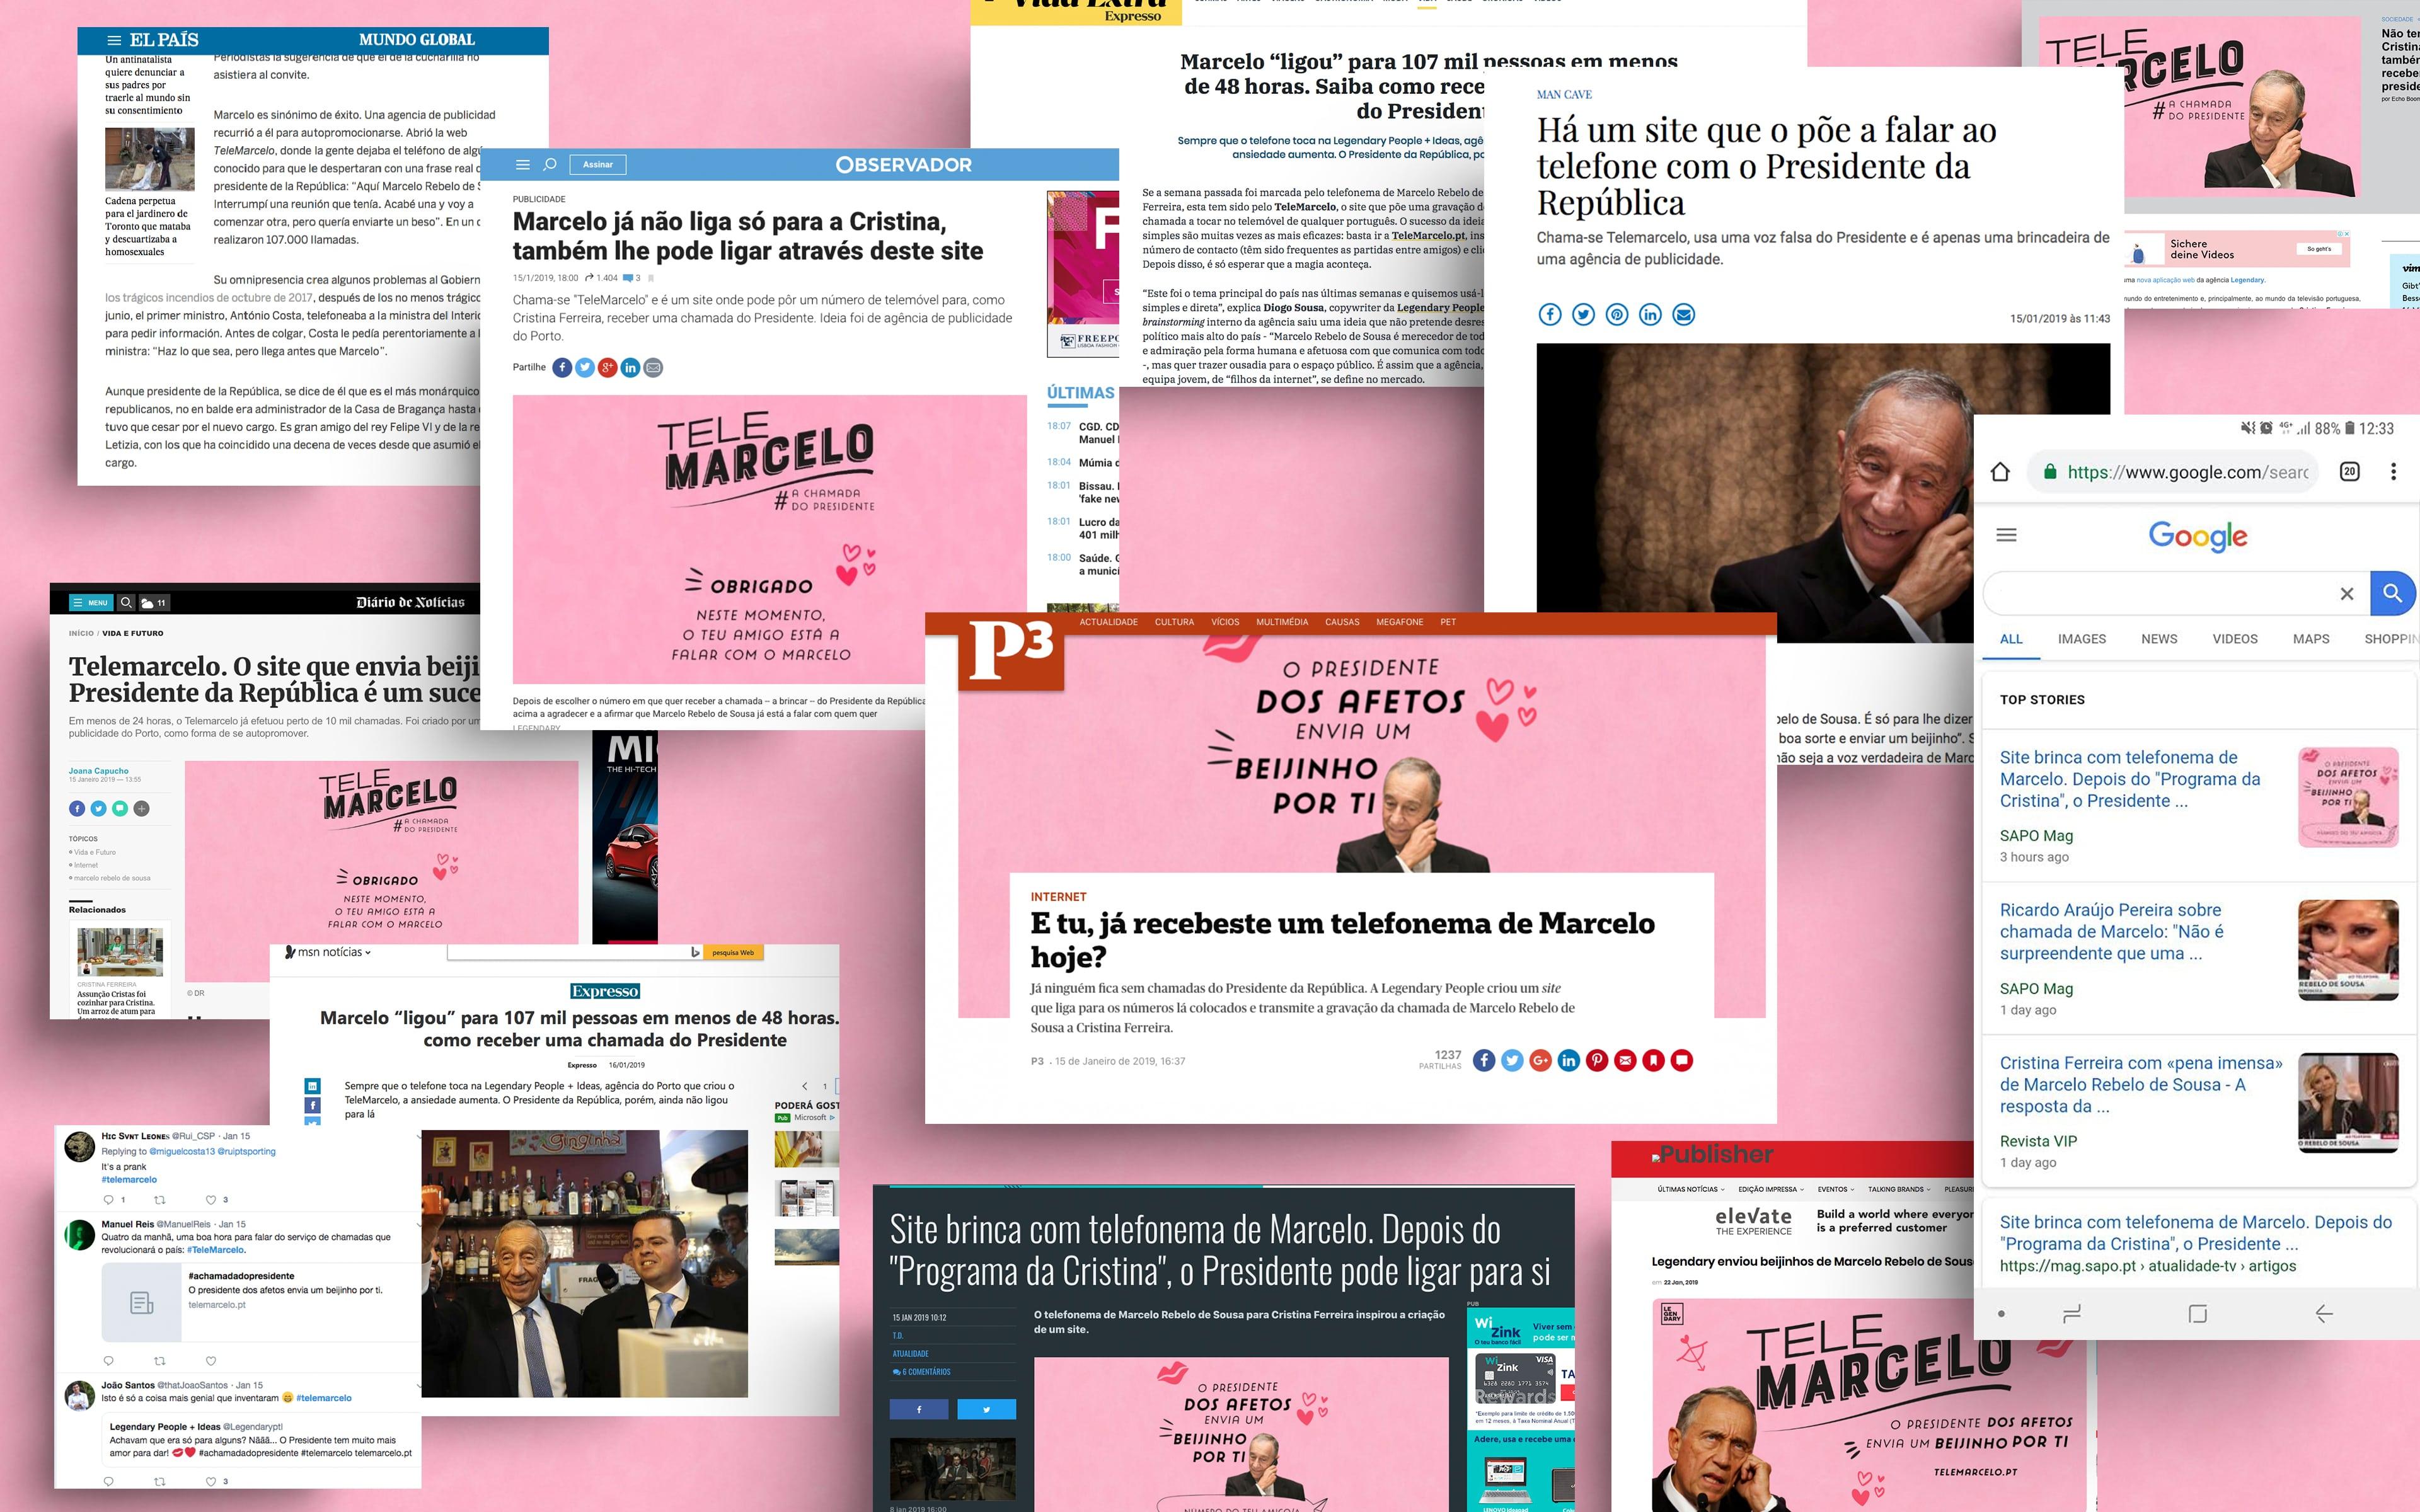 A campanha digital do TeleMarcelo ligava às pessoas a distribuir beijinhos. Na imagem tem vários prints de notícias que sairam relativamente a esta campanha.